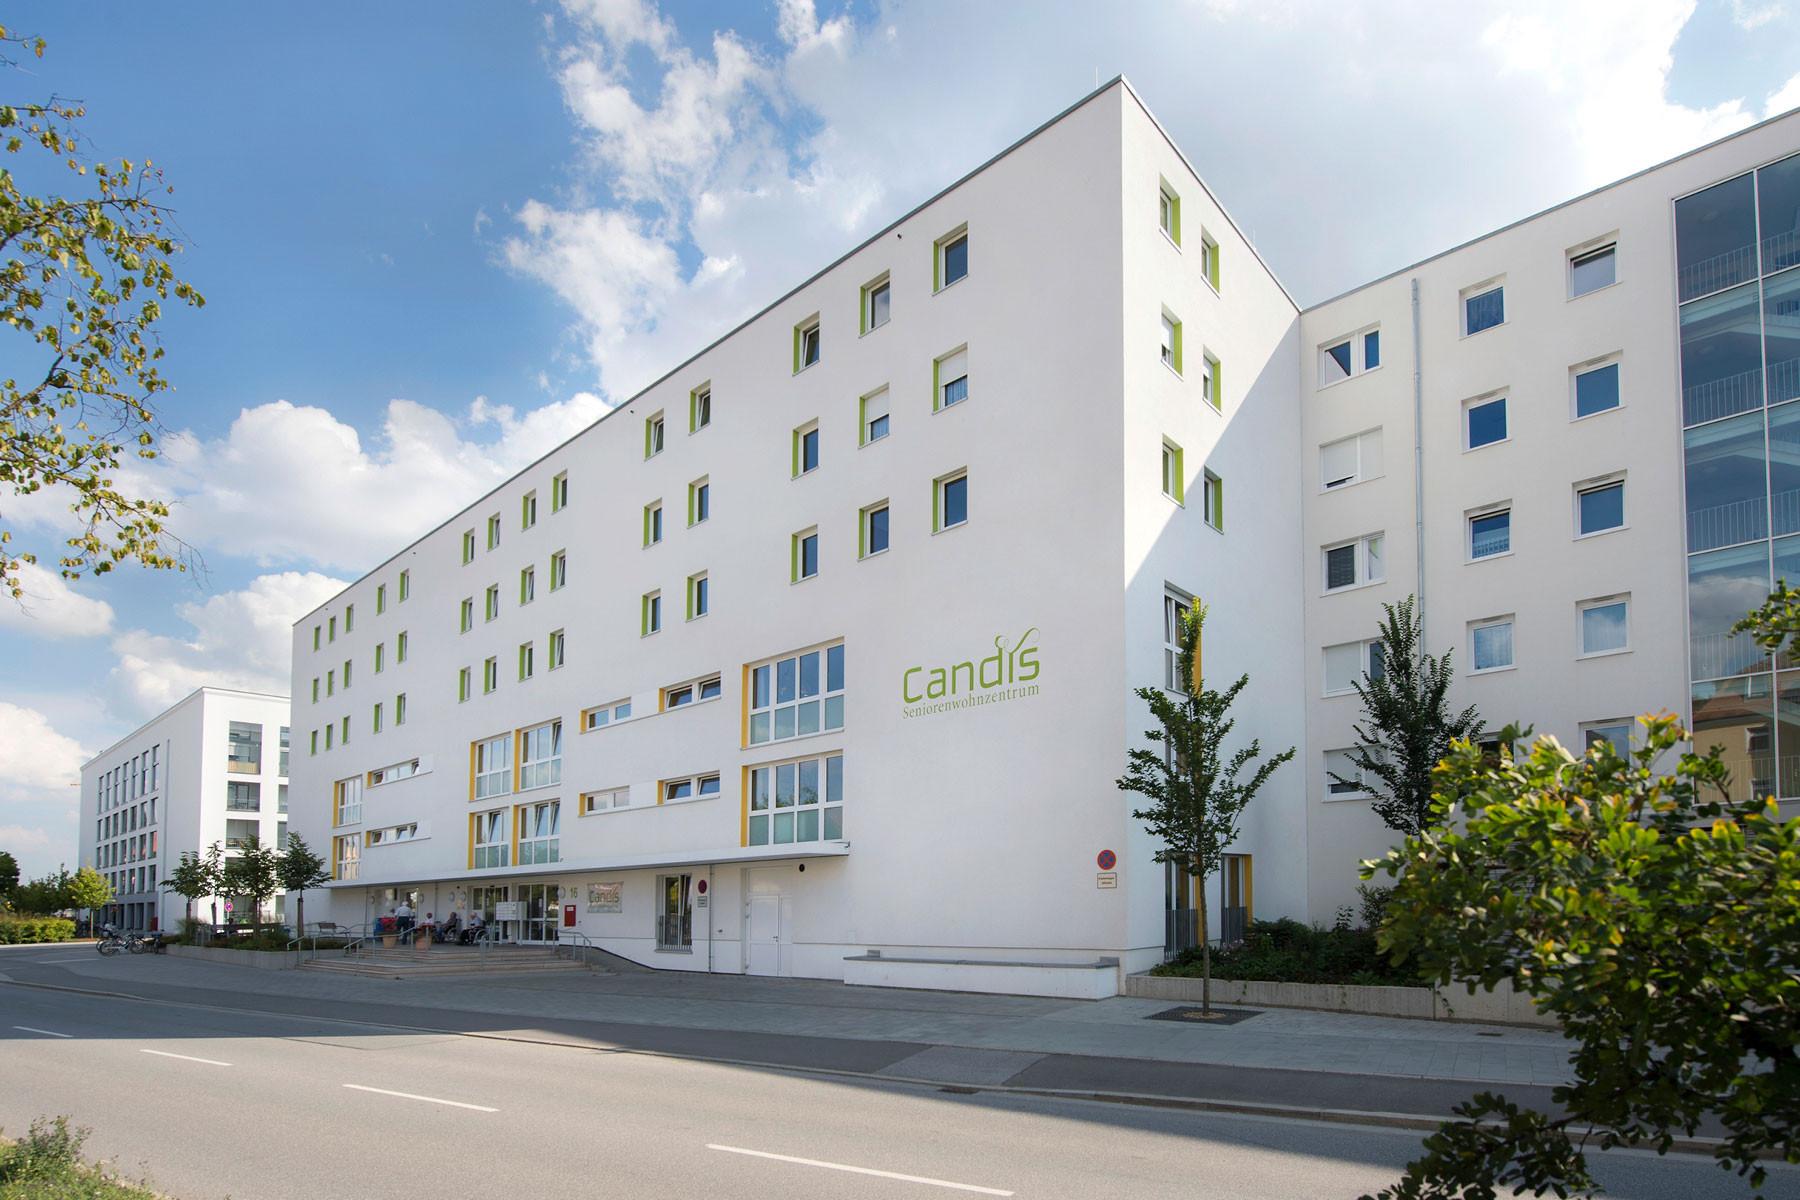 seniorenwohnzentrum candis in regensburg auf wohnen im. Black Bedroom Furniture Sets. Home Design Ideas